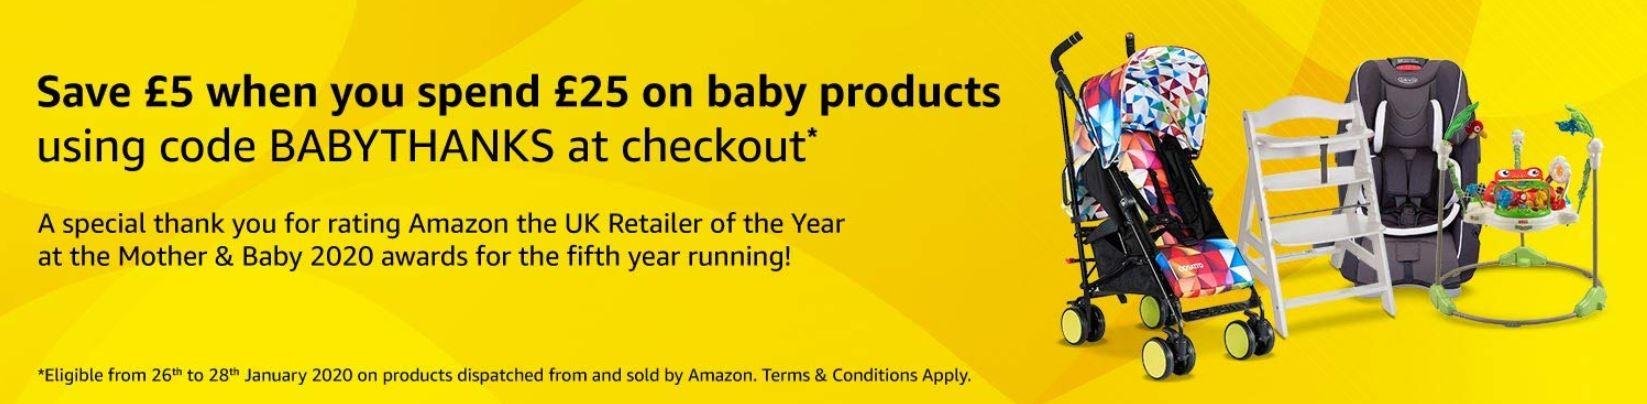 5£ הנחה בקניית מוצרי תינוקות